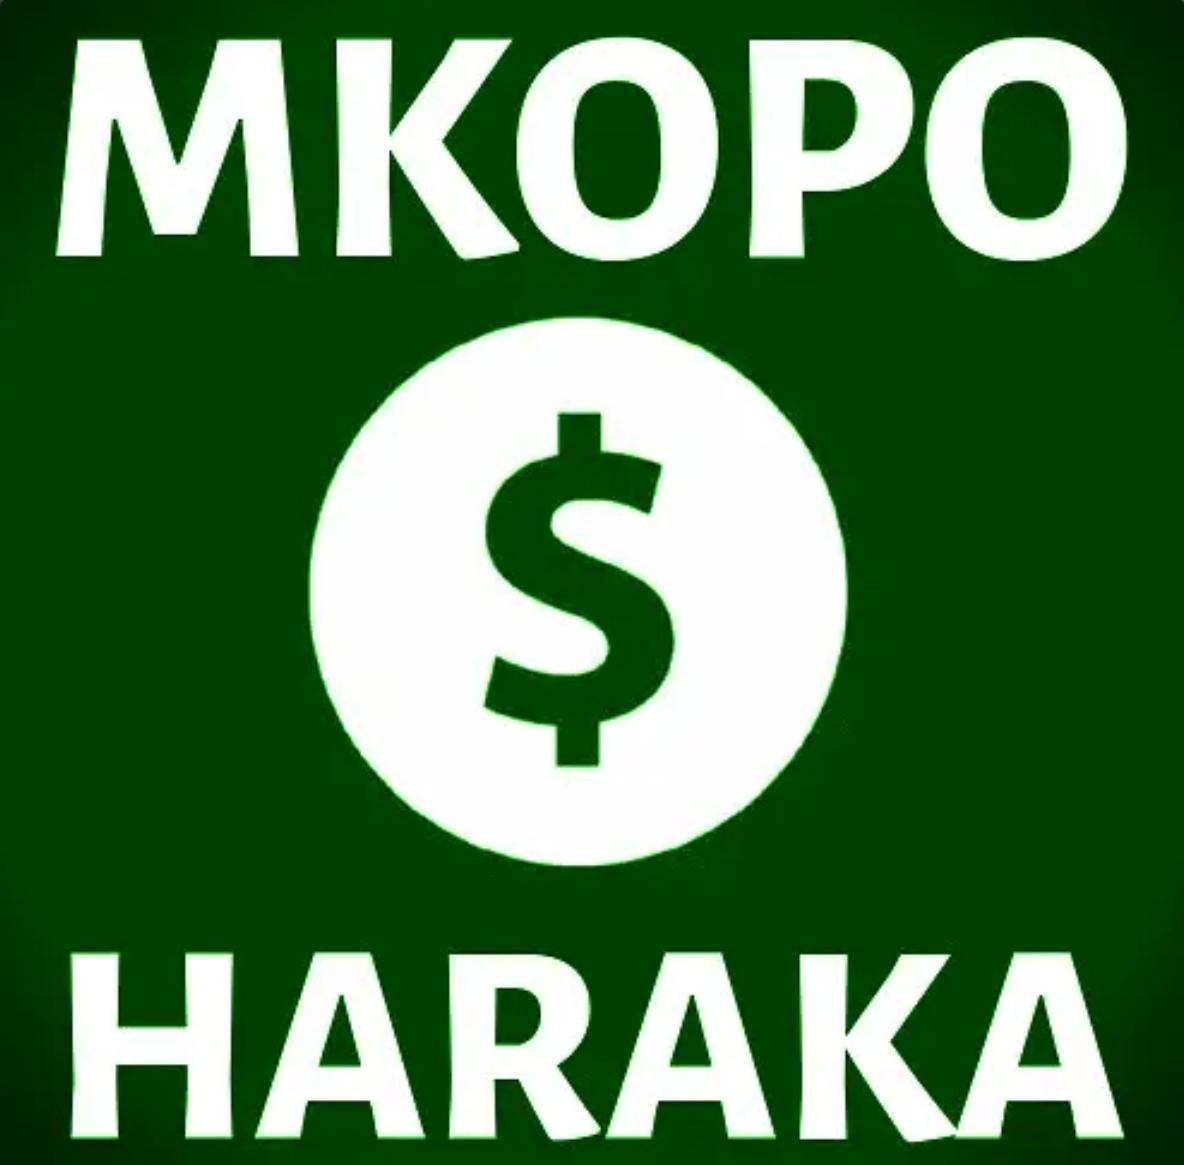 Mkopo Haraka app